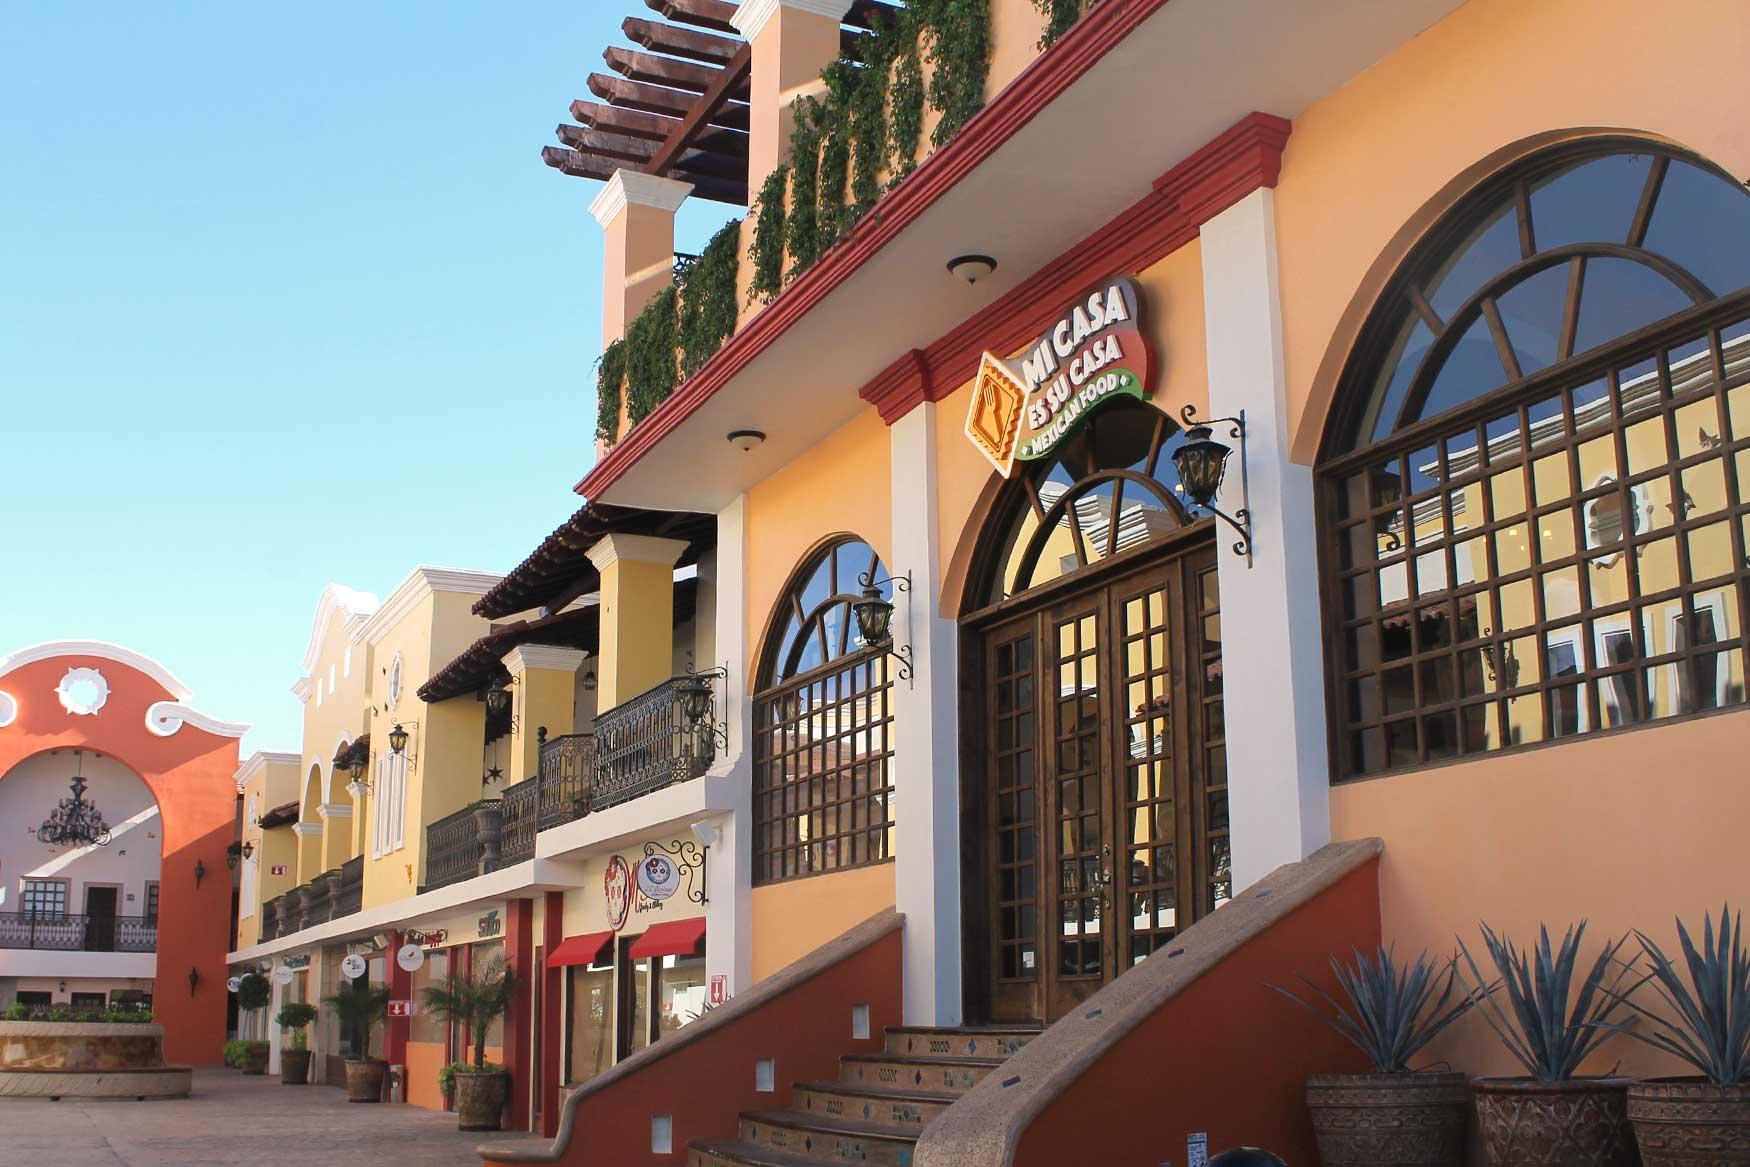 los algodones authentic mexican food restaurant